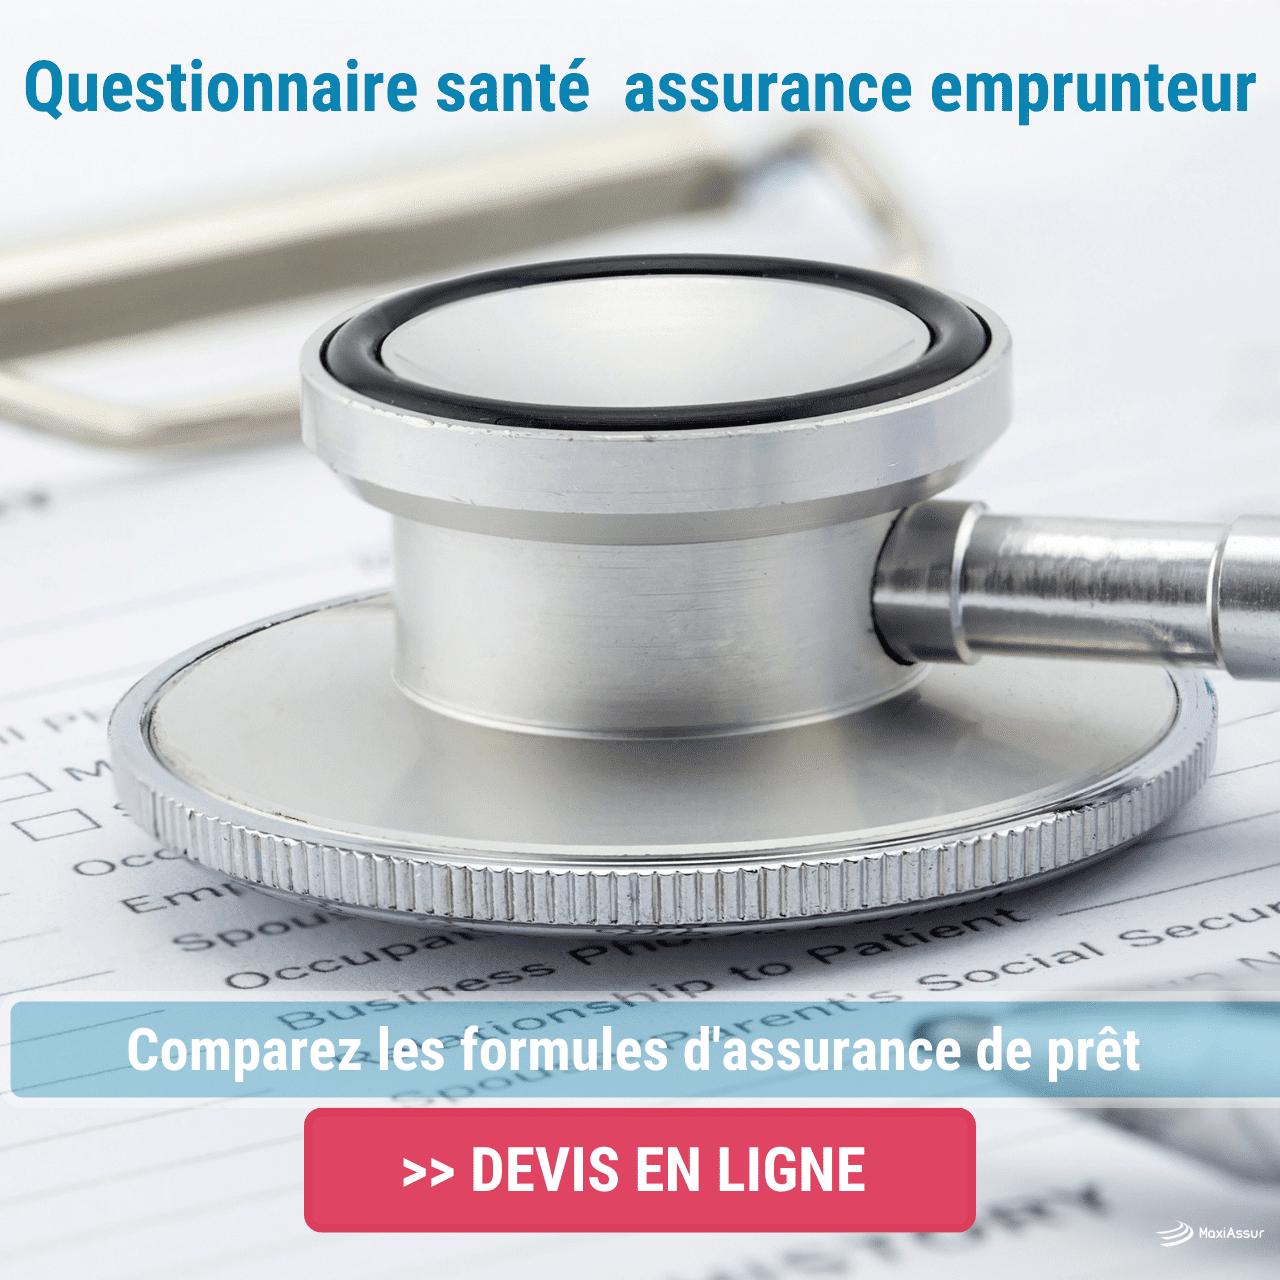 assurance emprunteur questionnaire médical